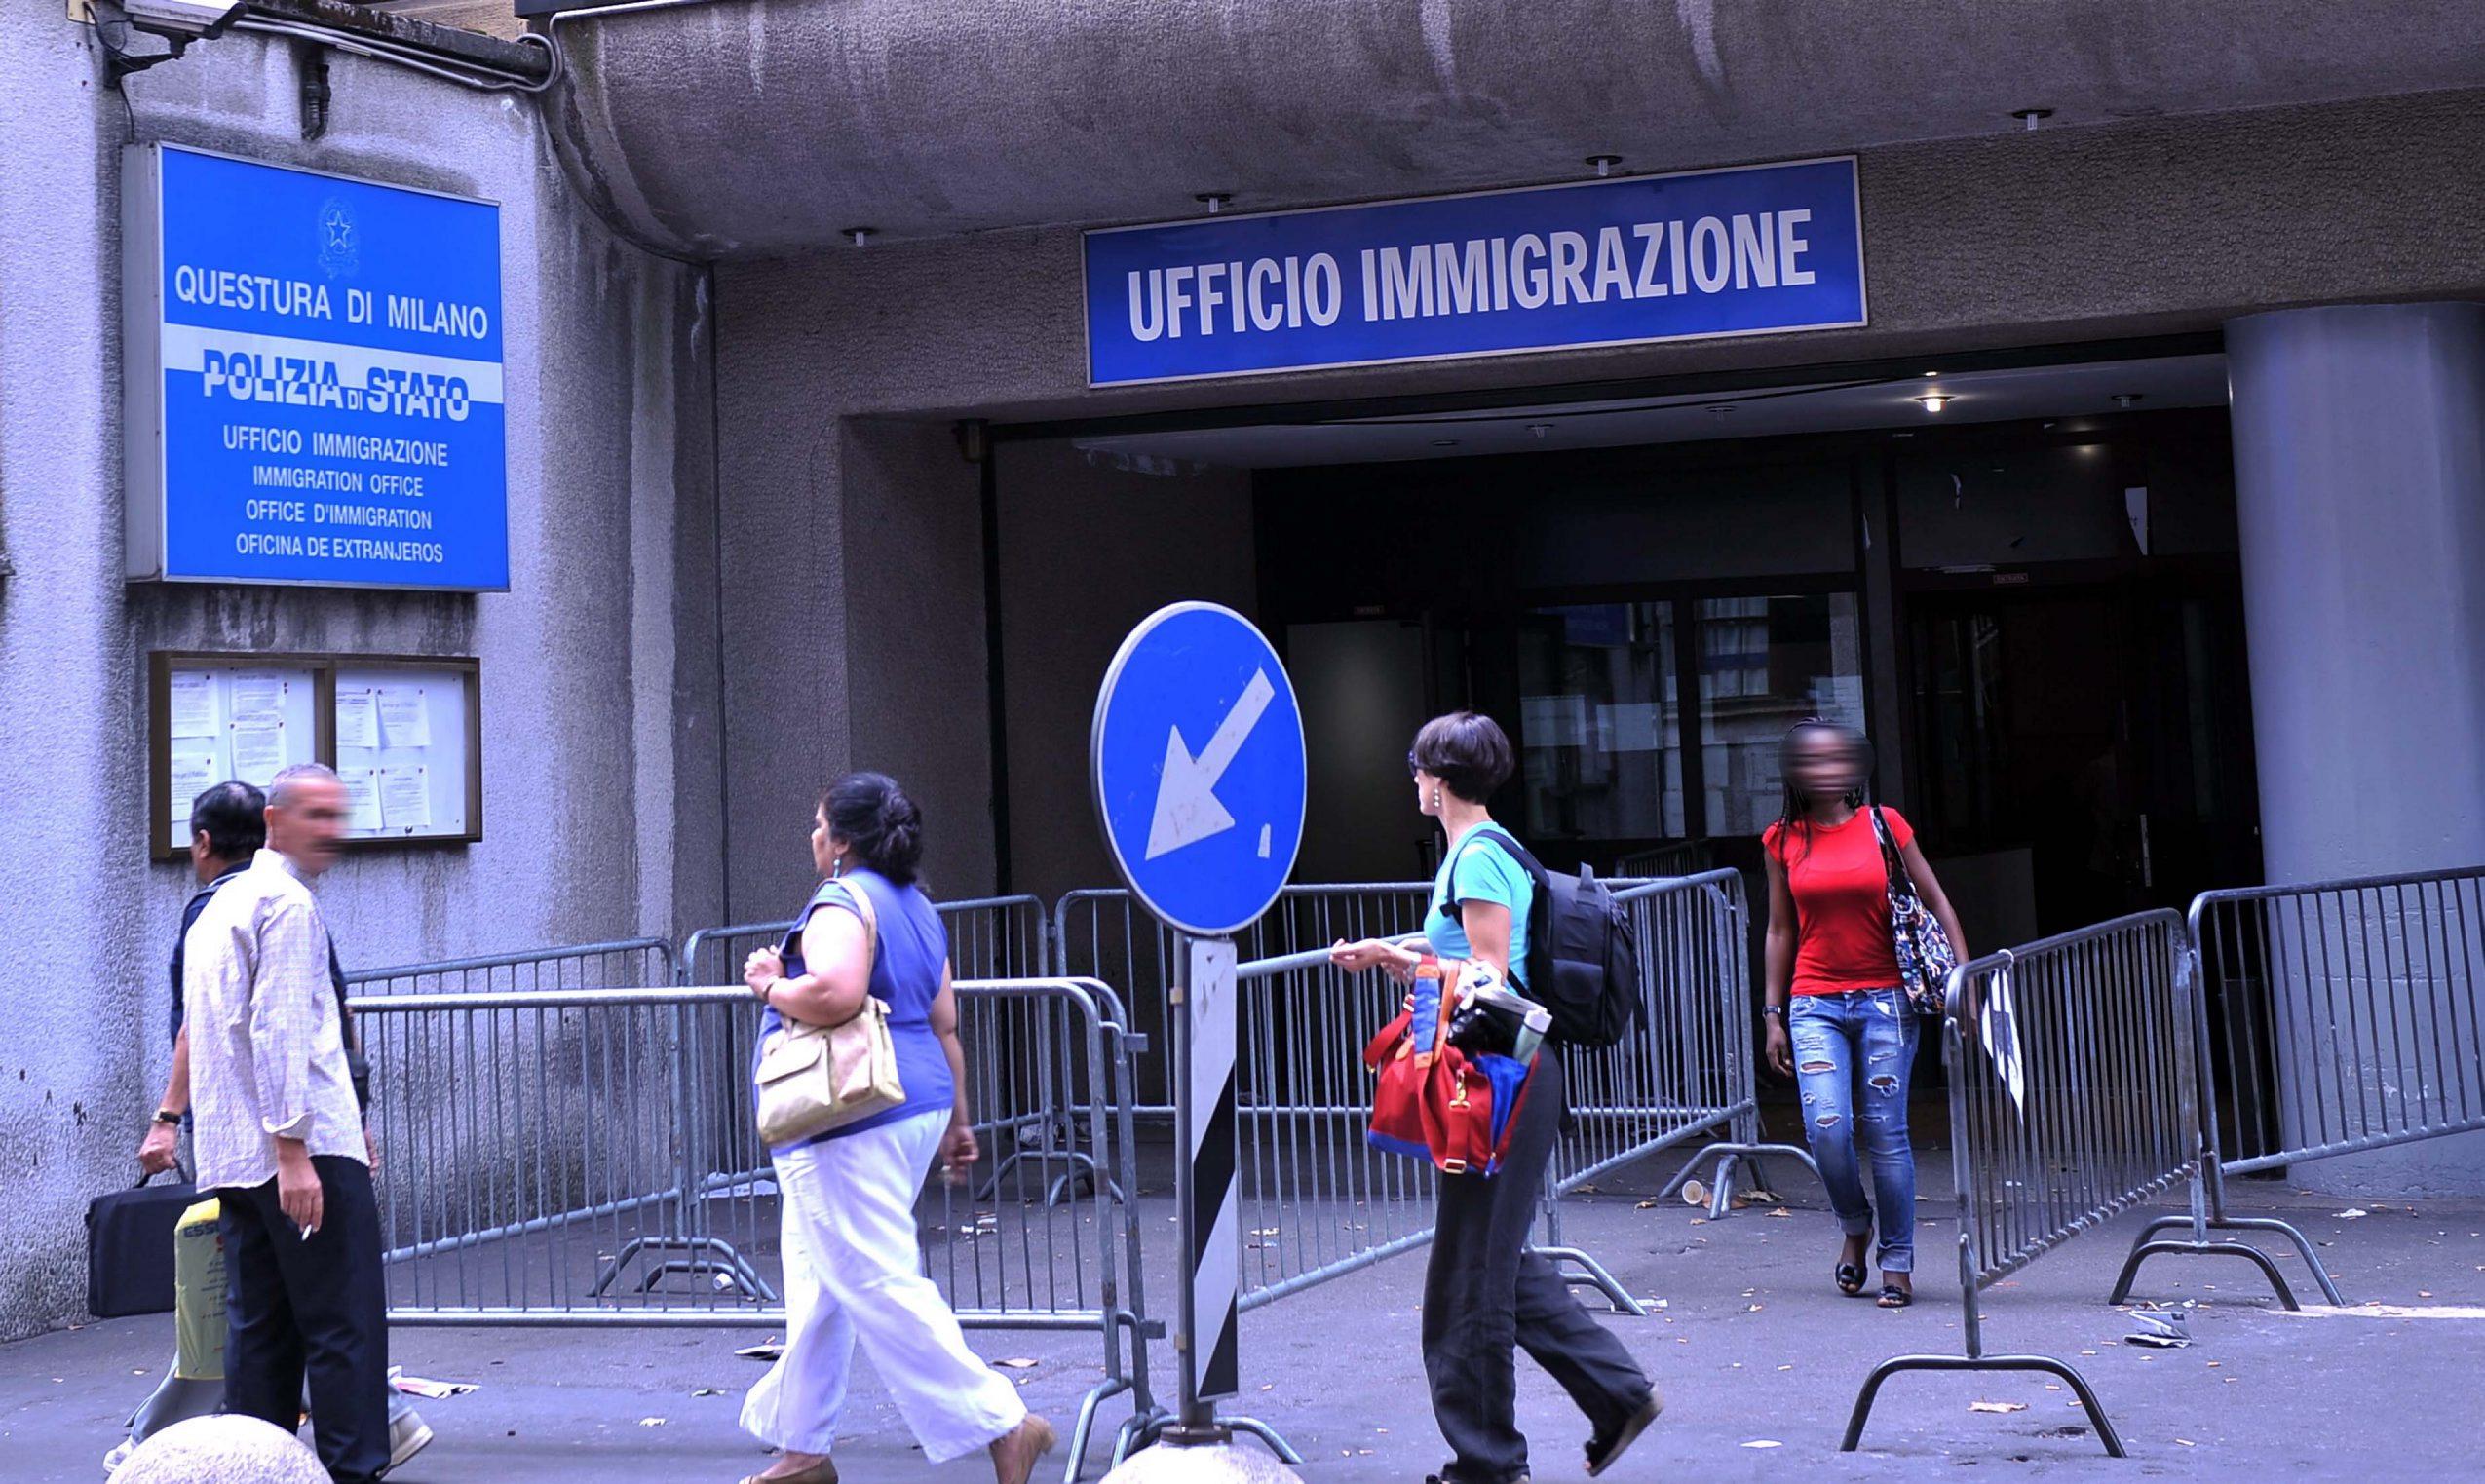 Ufficio immigrazione a milano immigrazione uno su cinque for Questura di reggio emilia permessi di soggiorno